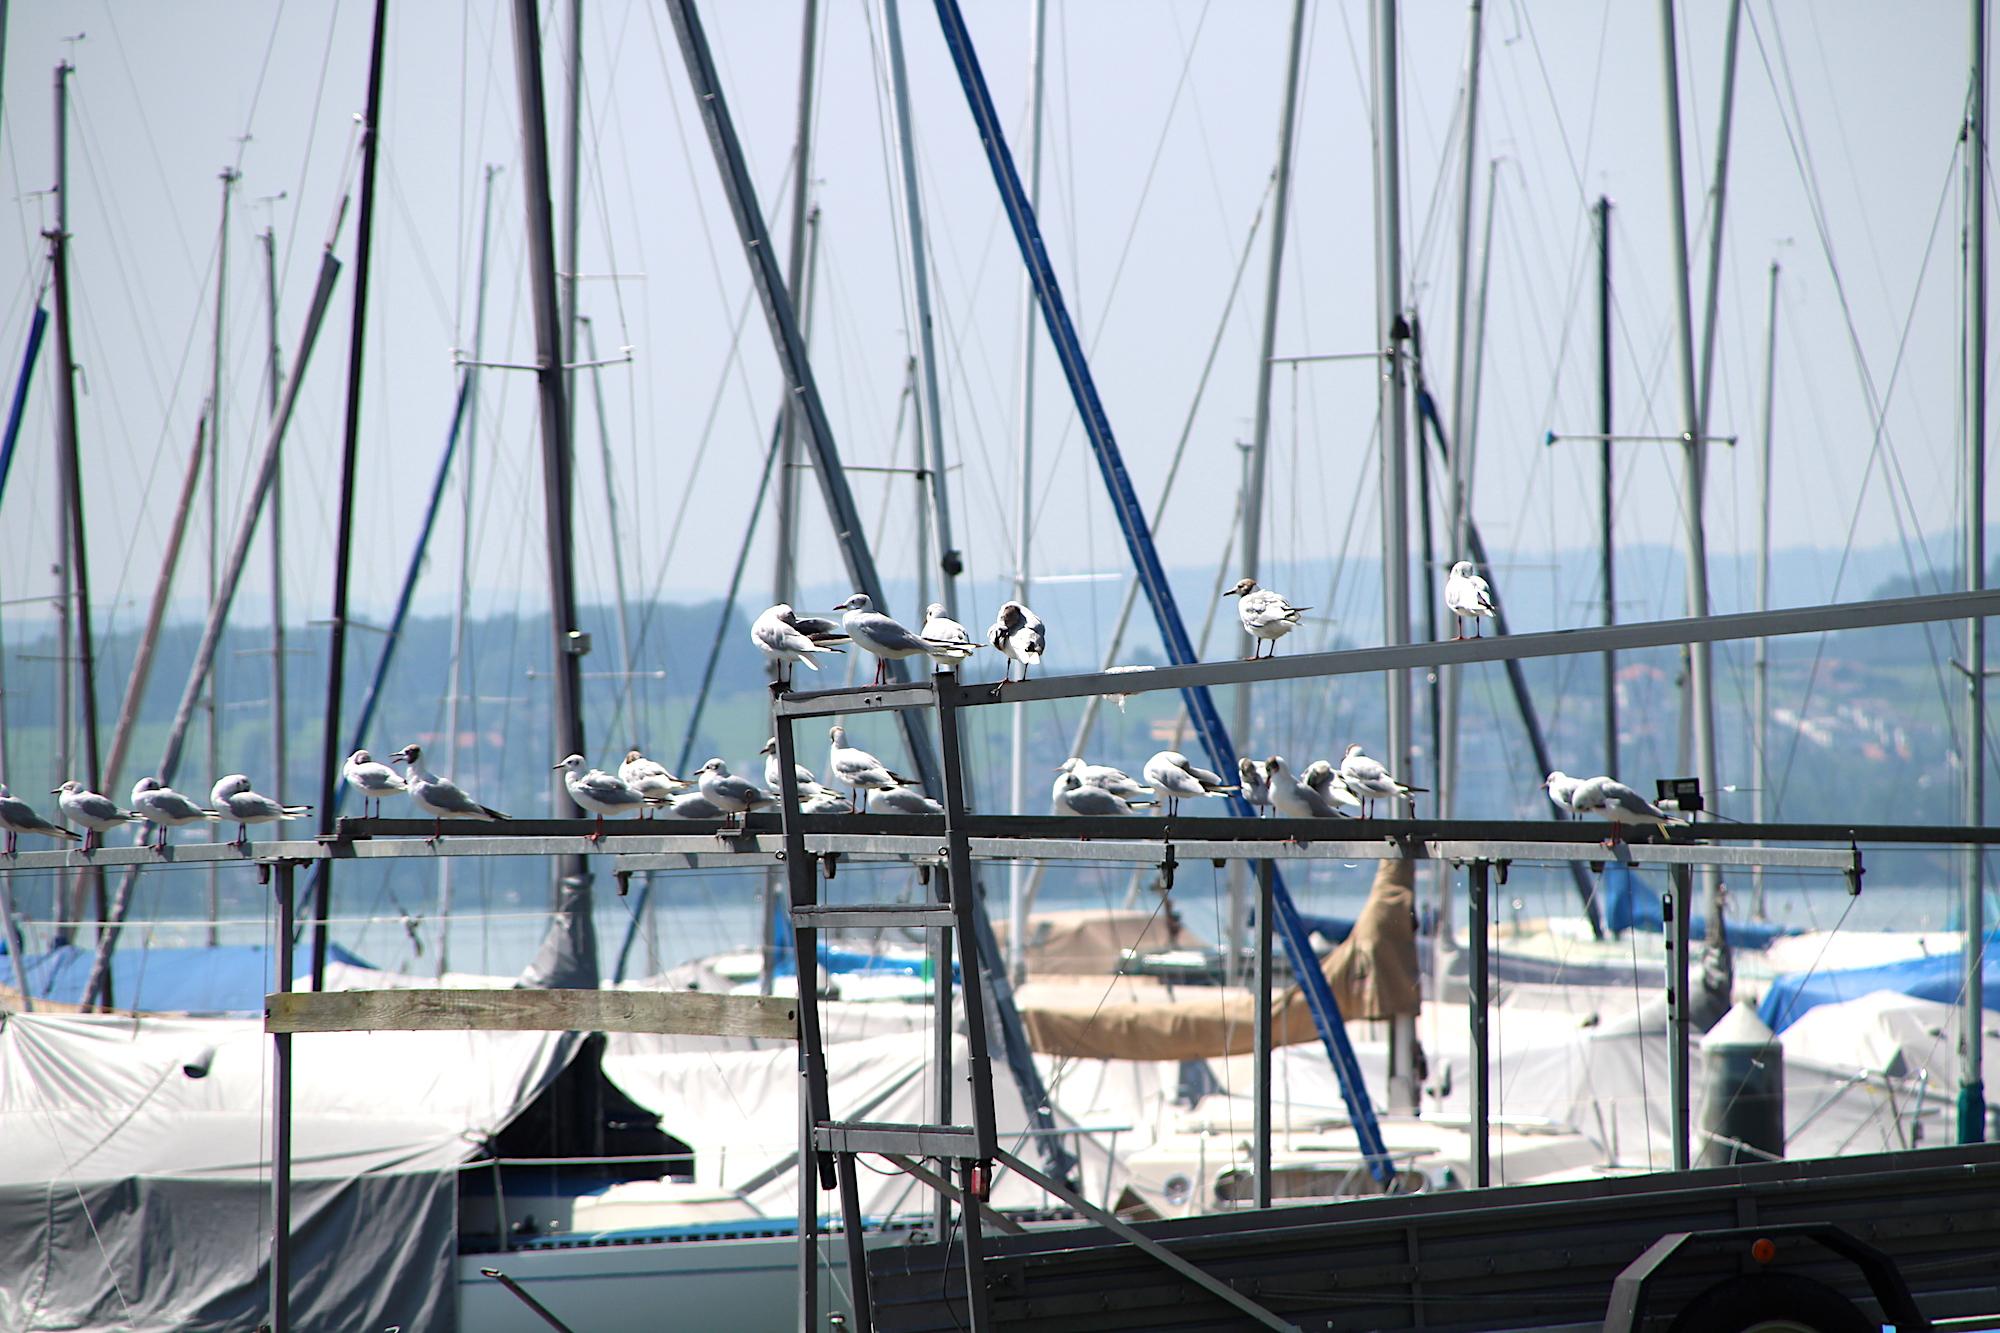 Zaungäste: Auch den Möwen von der benachbarten Marina gefällt die beschauliche Atmosphäre in der Zuger «Männerbadi».